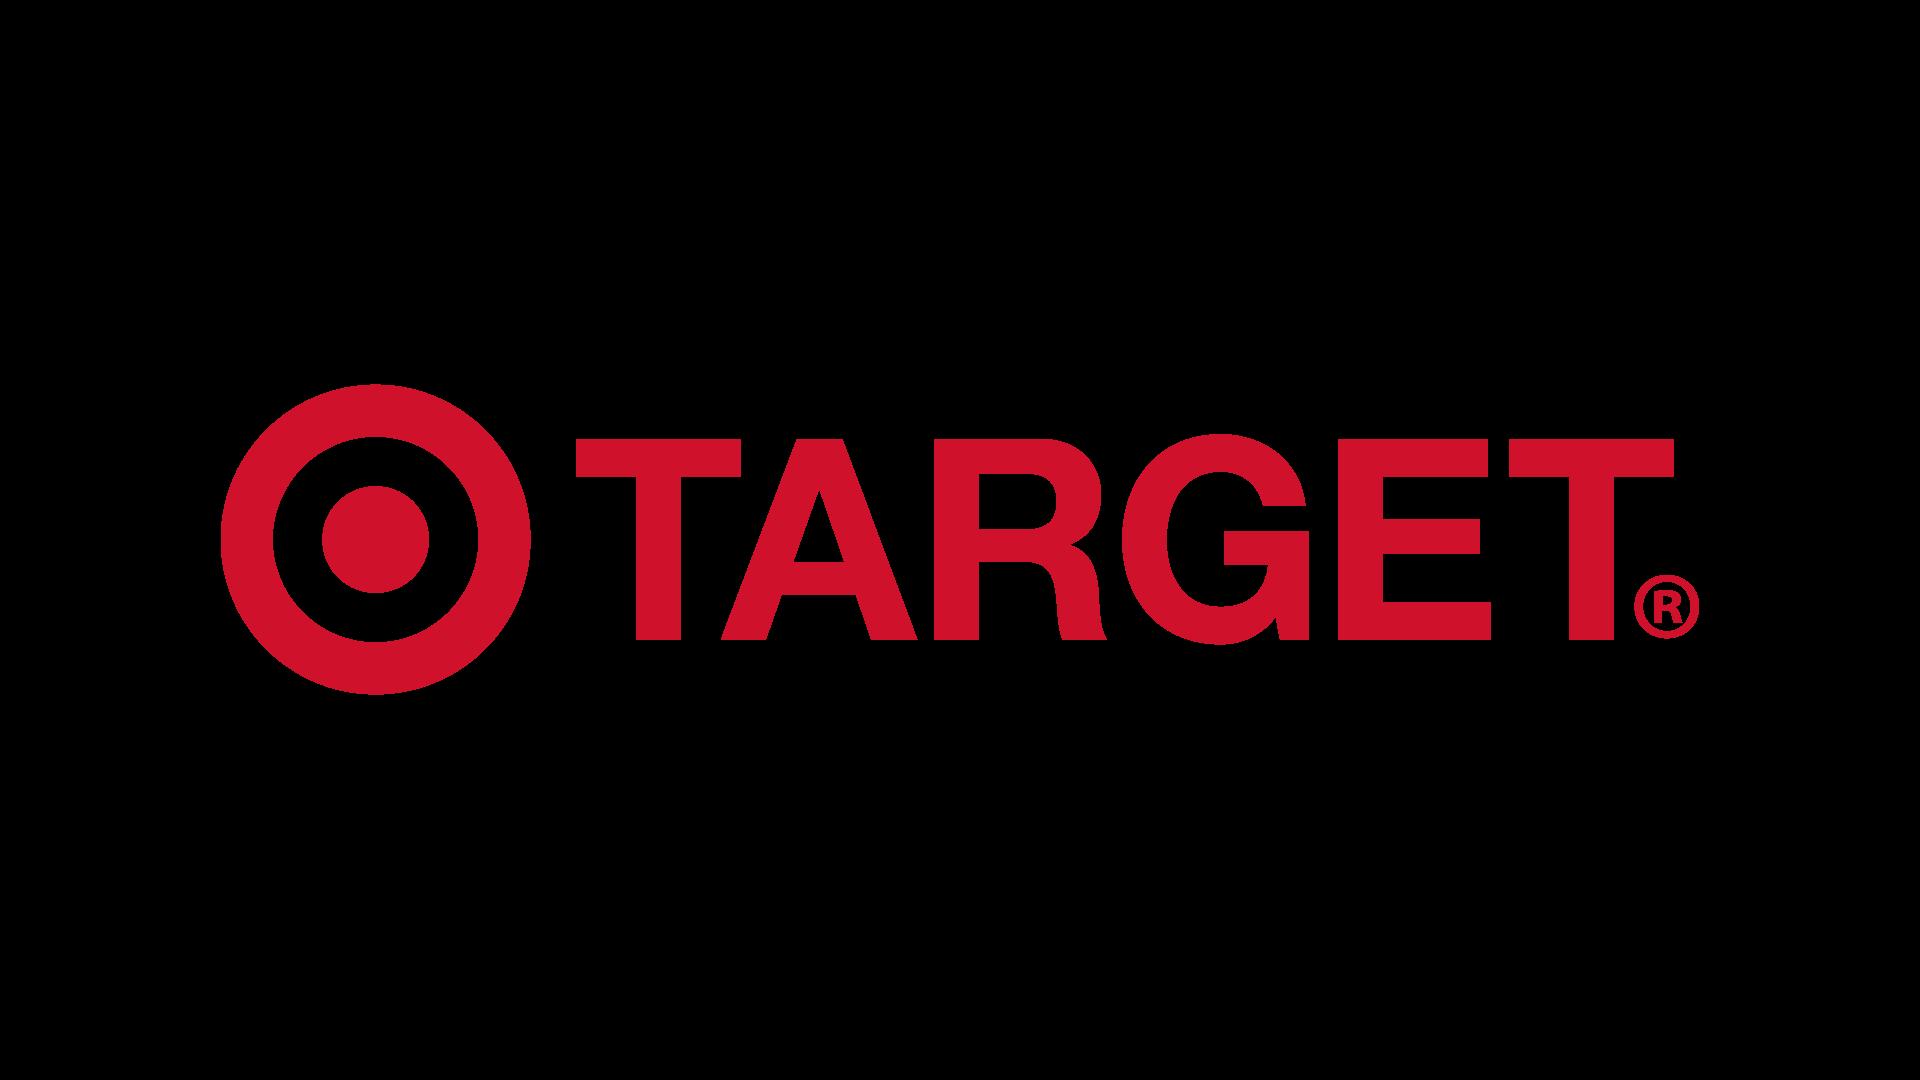 target-logo-png